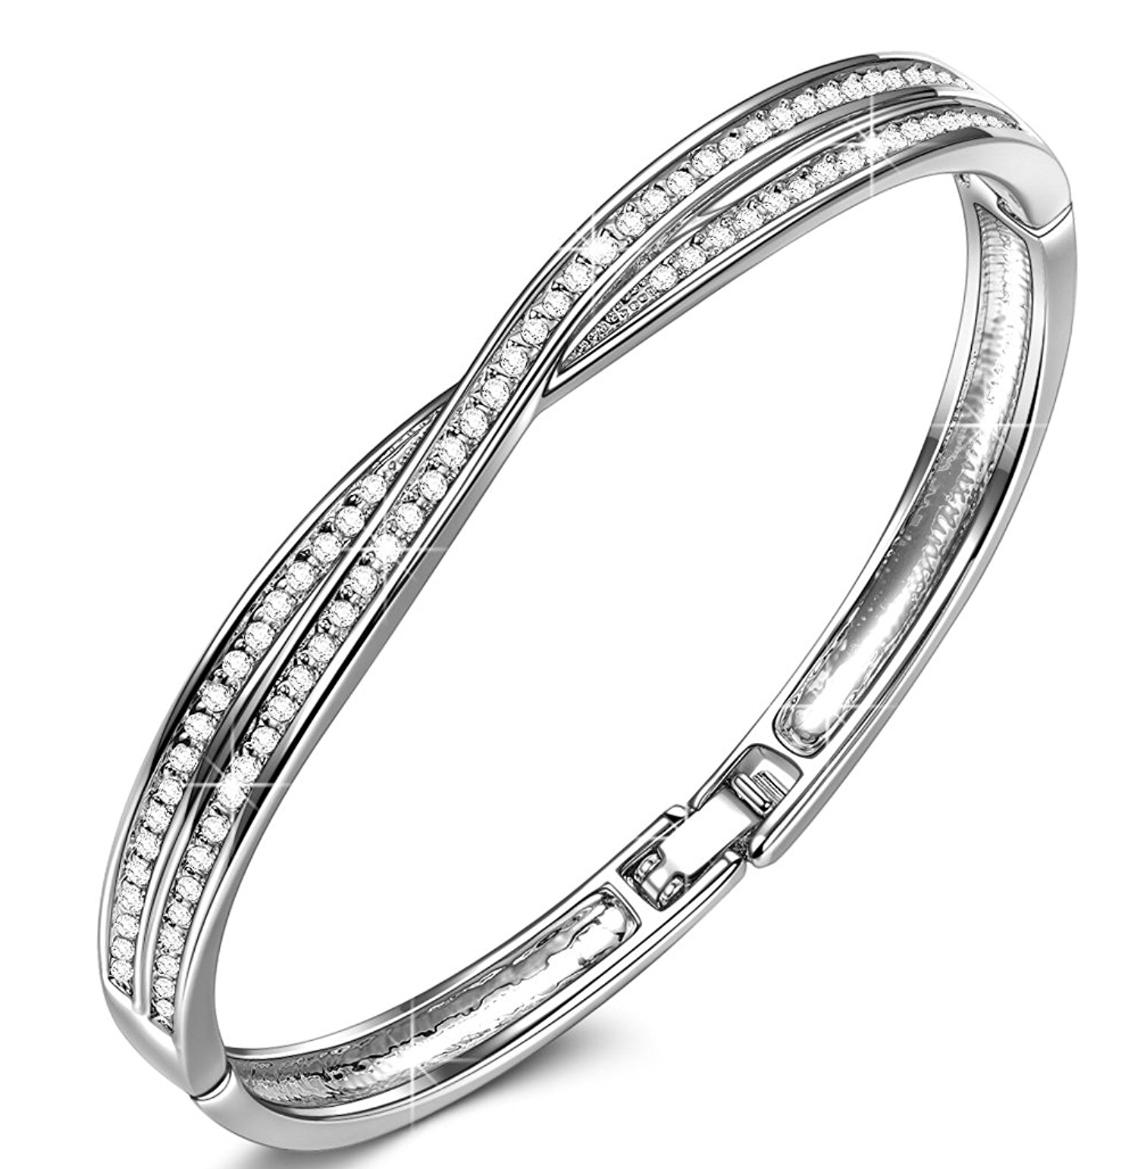 """7"""" Bangle Bracelet (Made w/ Crystals from Swarovski) $11.96-$12.88 @ Amazon + FS"""